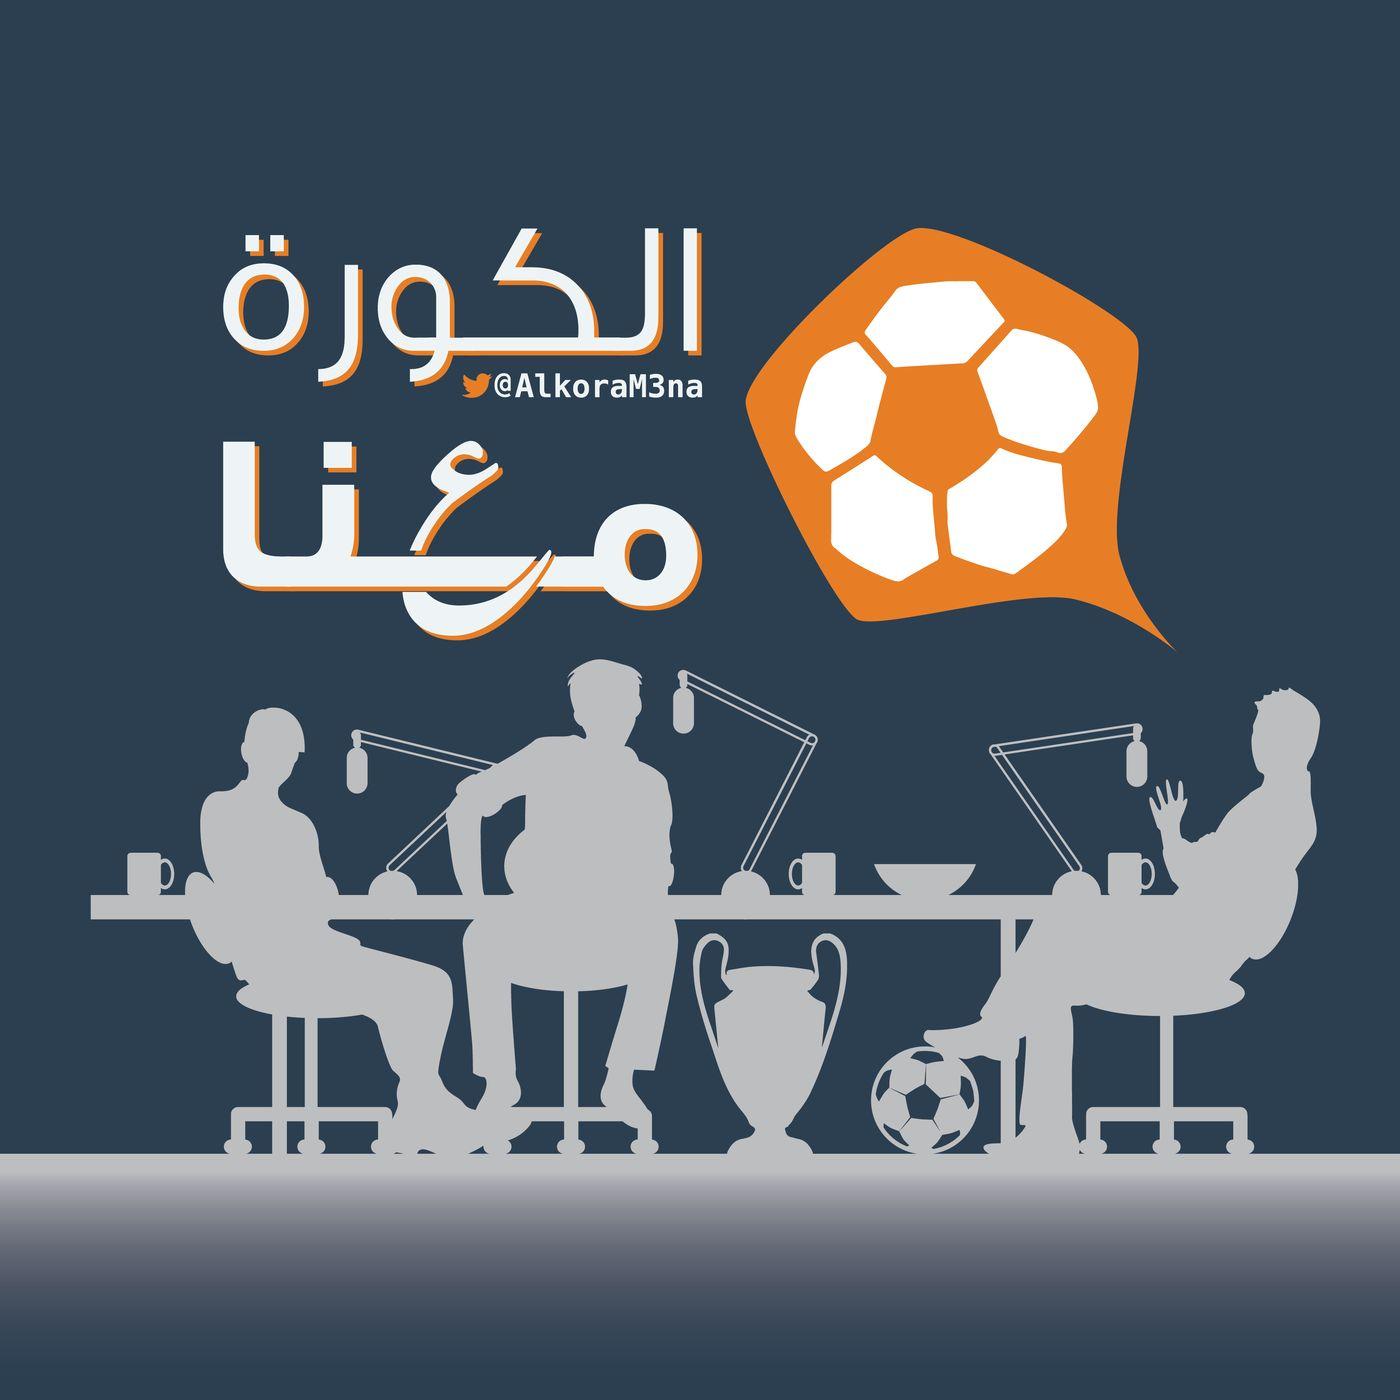 الكورة معنا - دوري الابطال - الجولة الثالثة